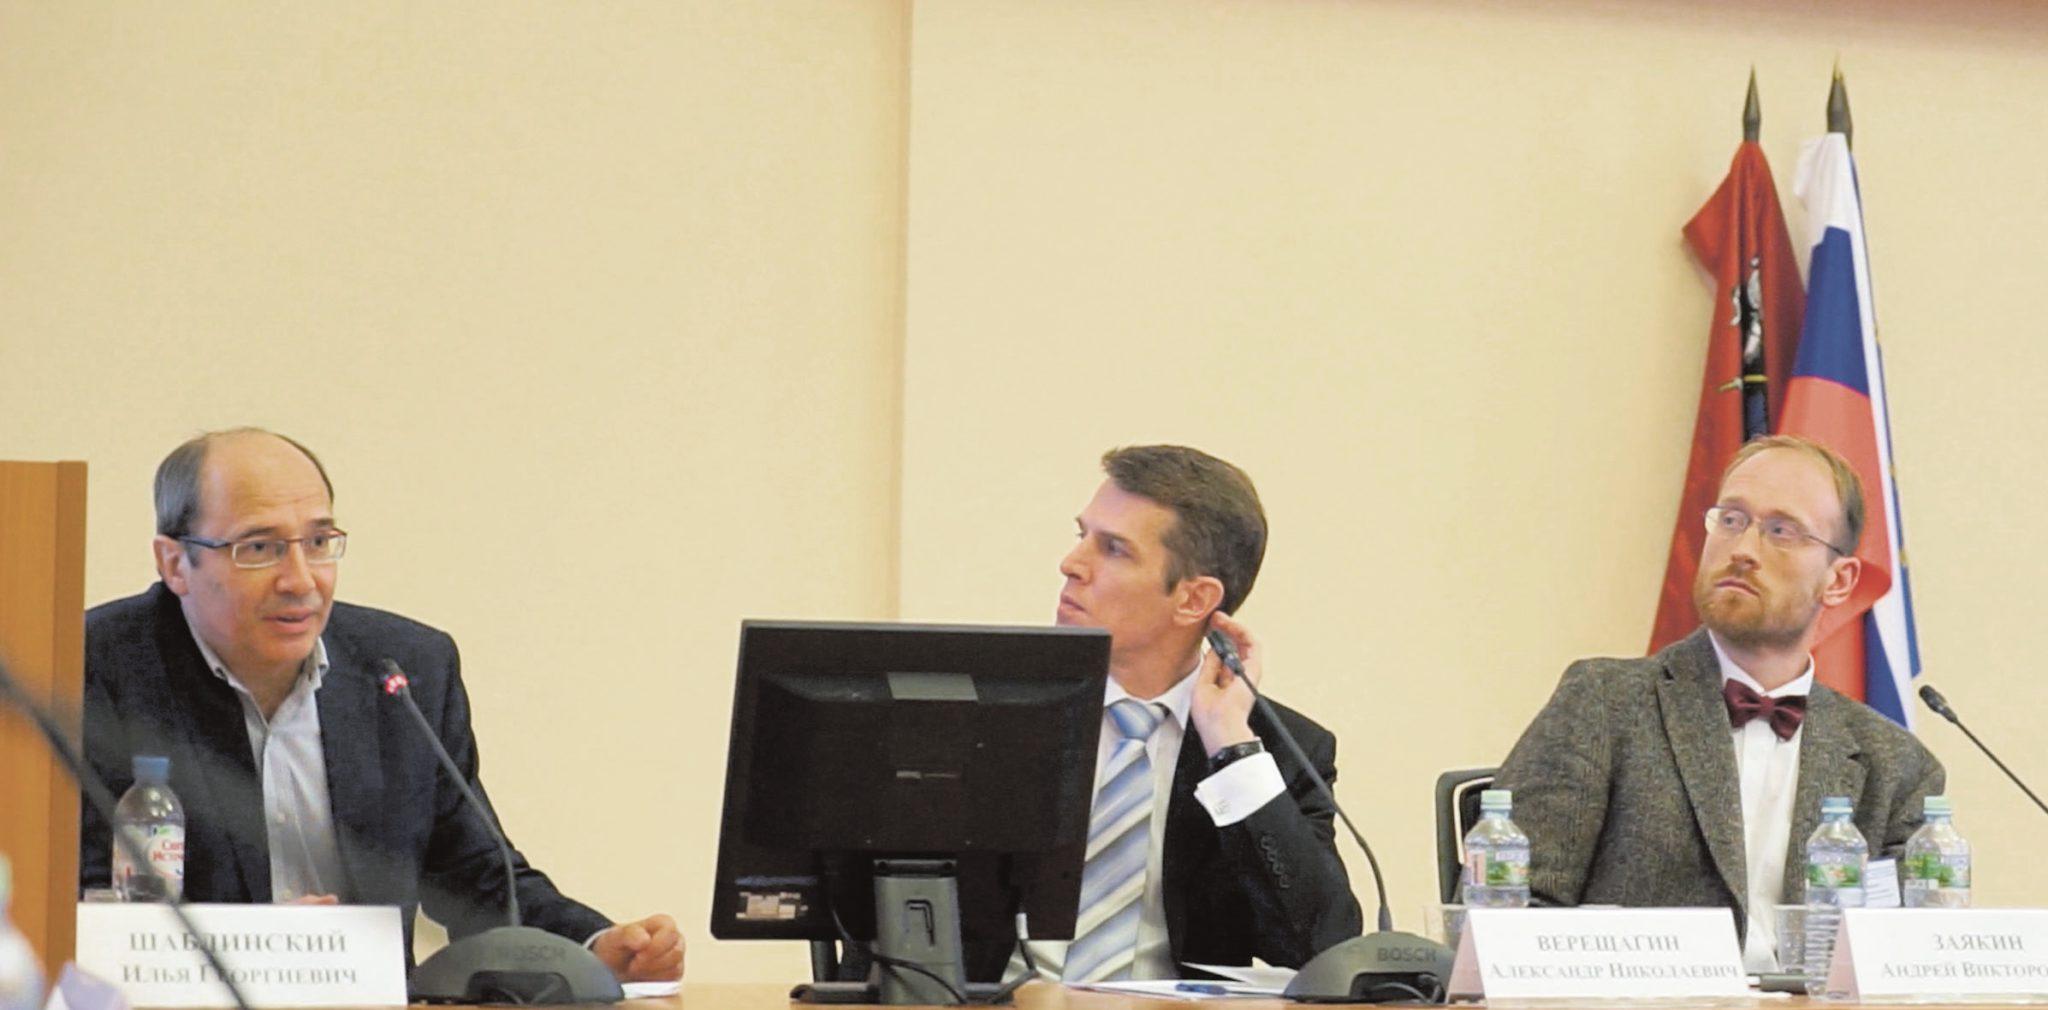 Илья Шаблинский, Александр Верещагин, Андрей Заякин. Скриншот с видеозаписи Н. Деминой